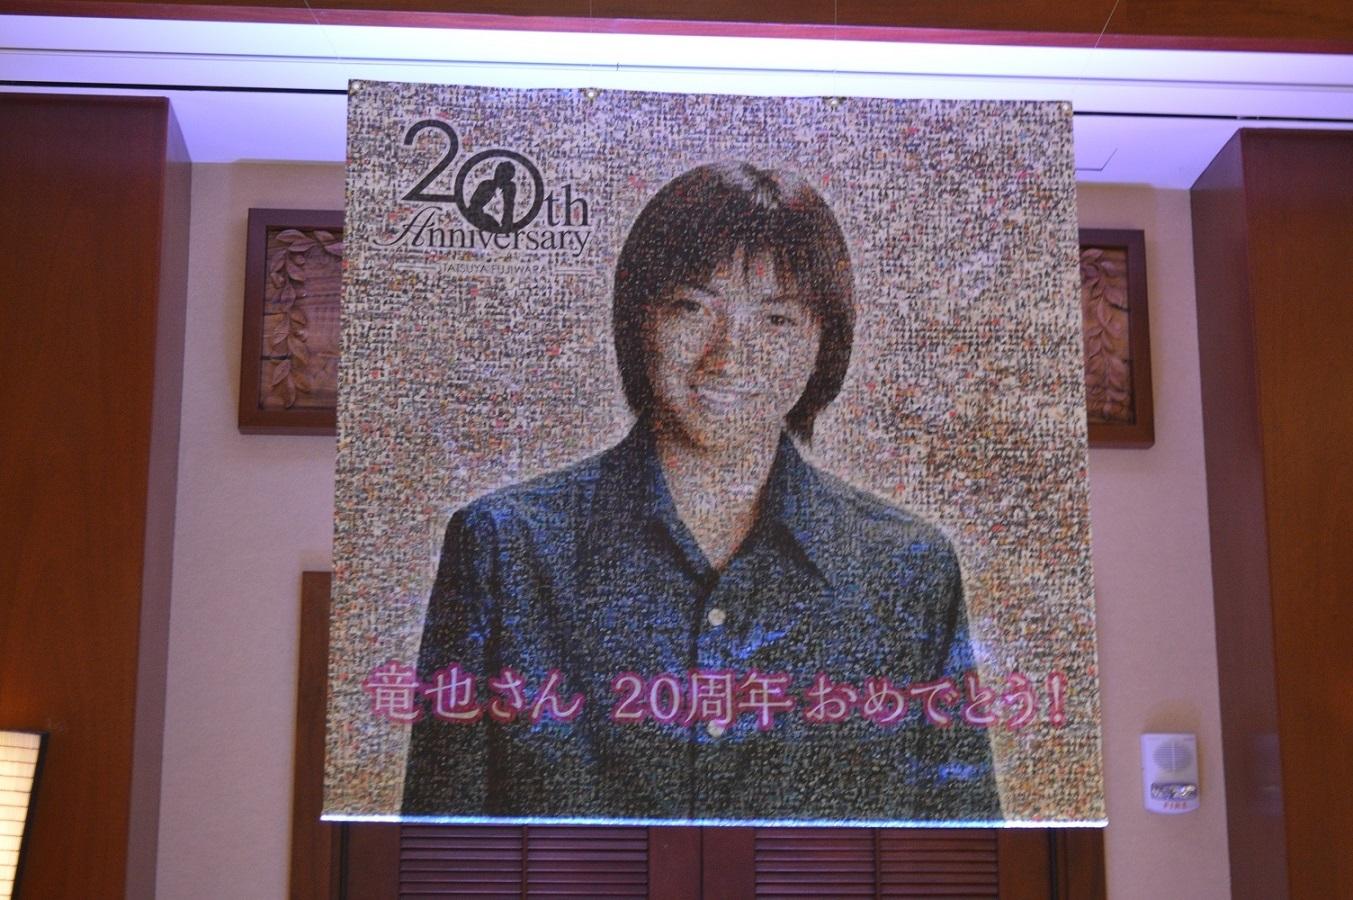 ファンが20周年記念で作ったモザイククアート